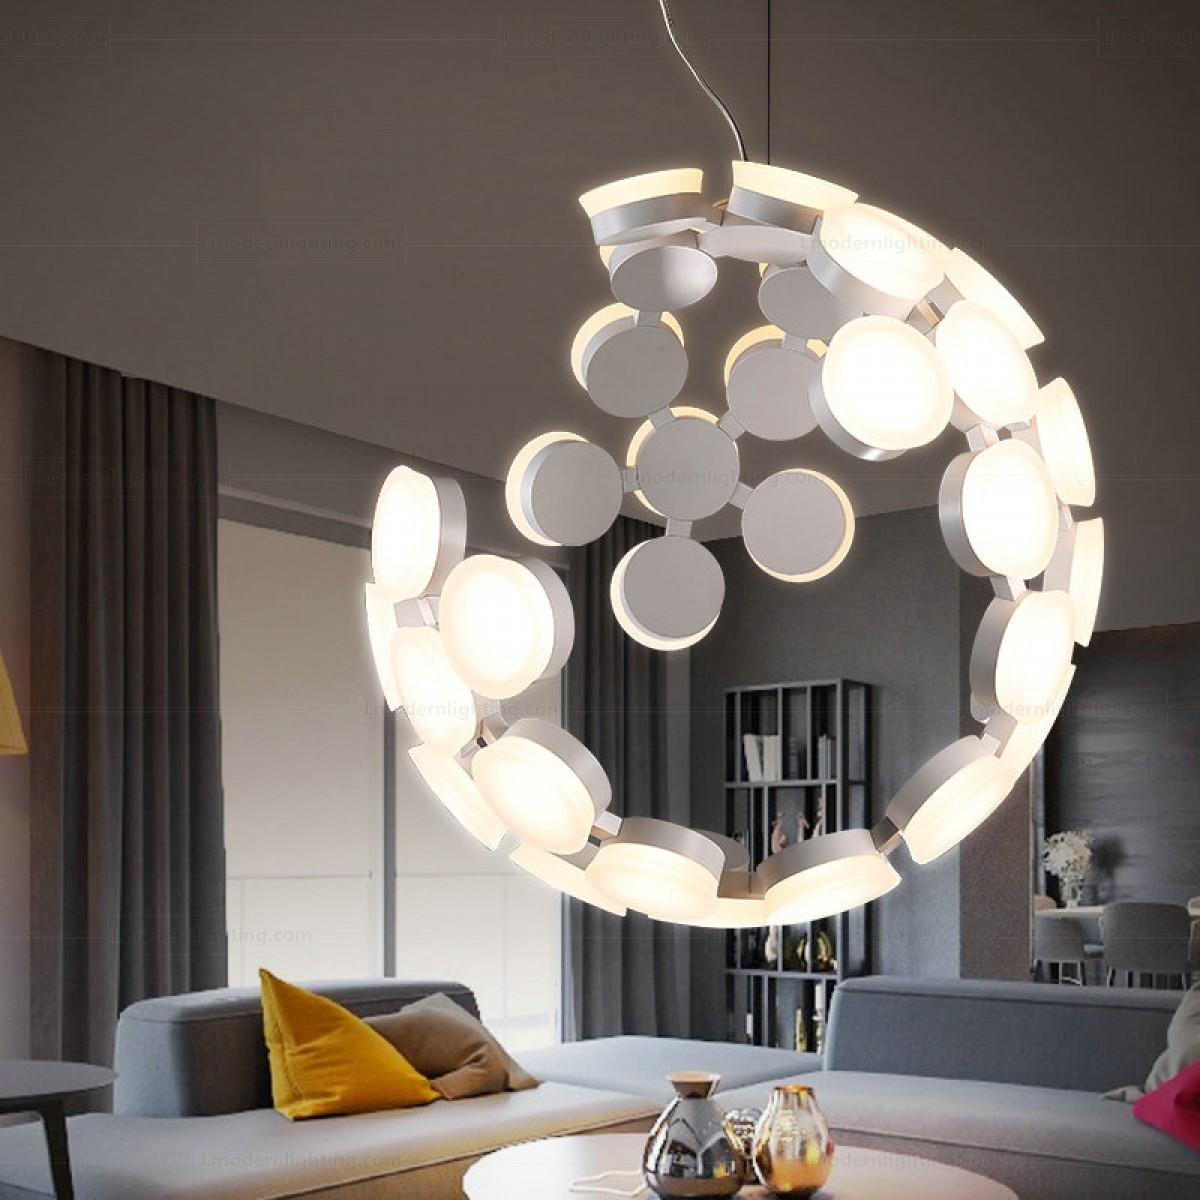 Modern european lighting lmodernlighting modern european for Lighting your home